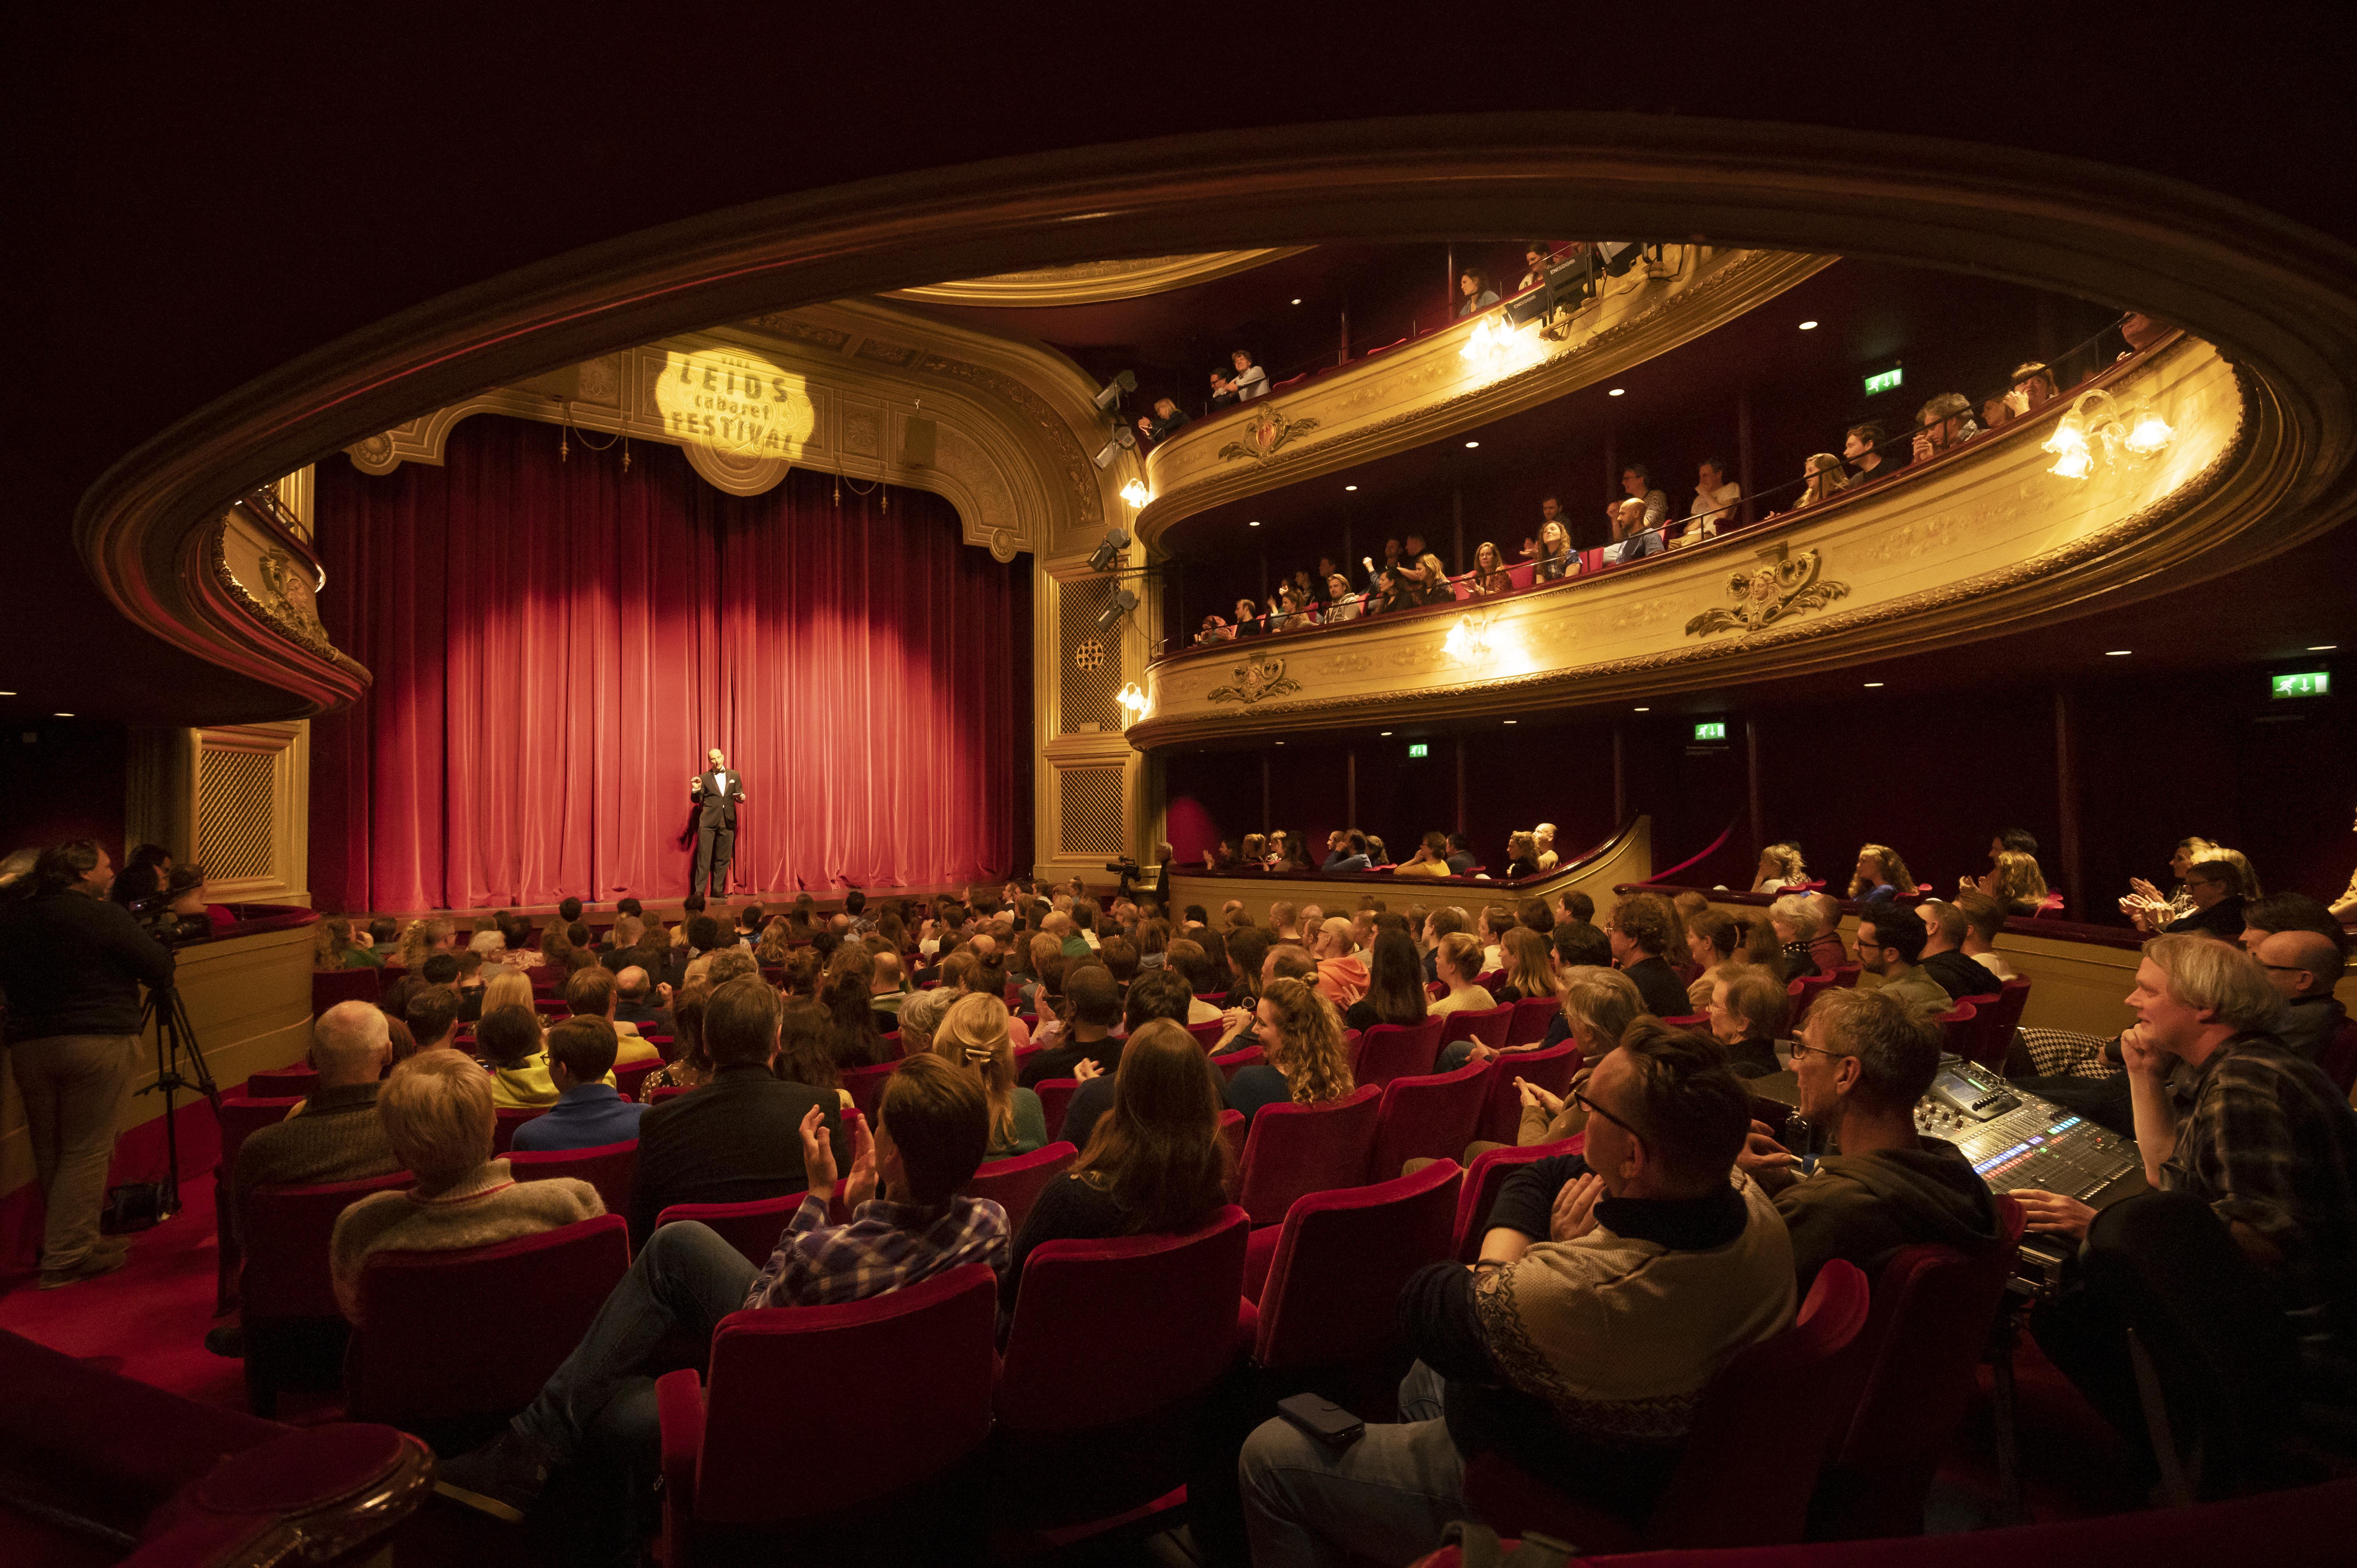 Meer dan 30 man publiek toegestaan in onder meer Gebr. De Nobel, Leidse Schouwburg en Theaterhangaar